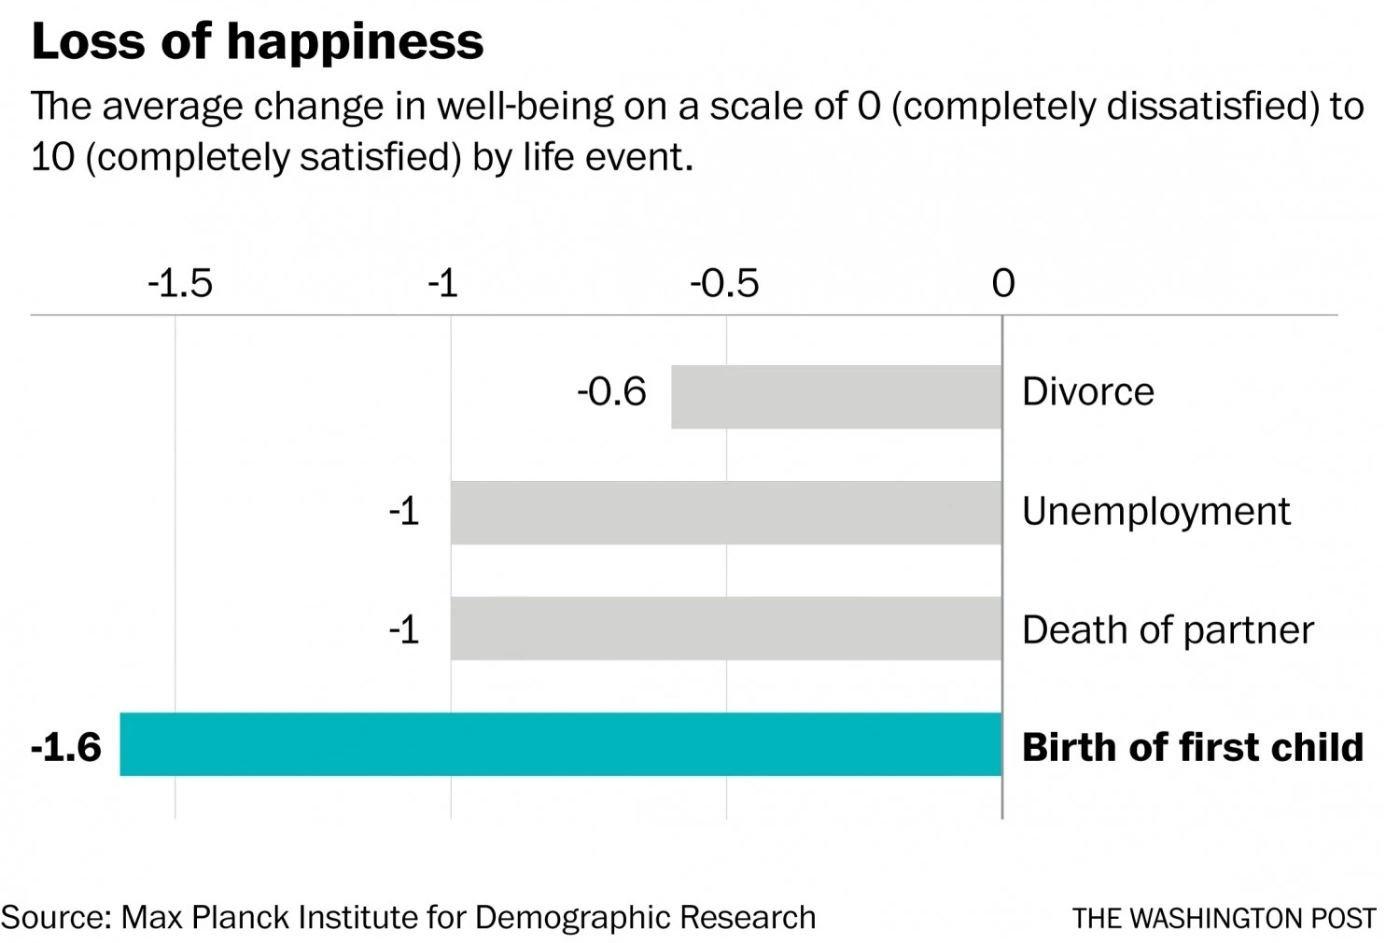 рождение ребенка хуже чем развод безработица потеря партнера исследование демография германия 2015 наука новости отвратительные мужики